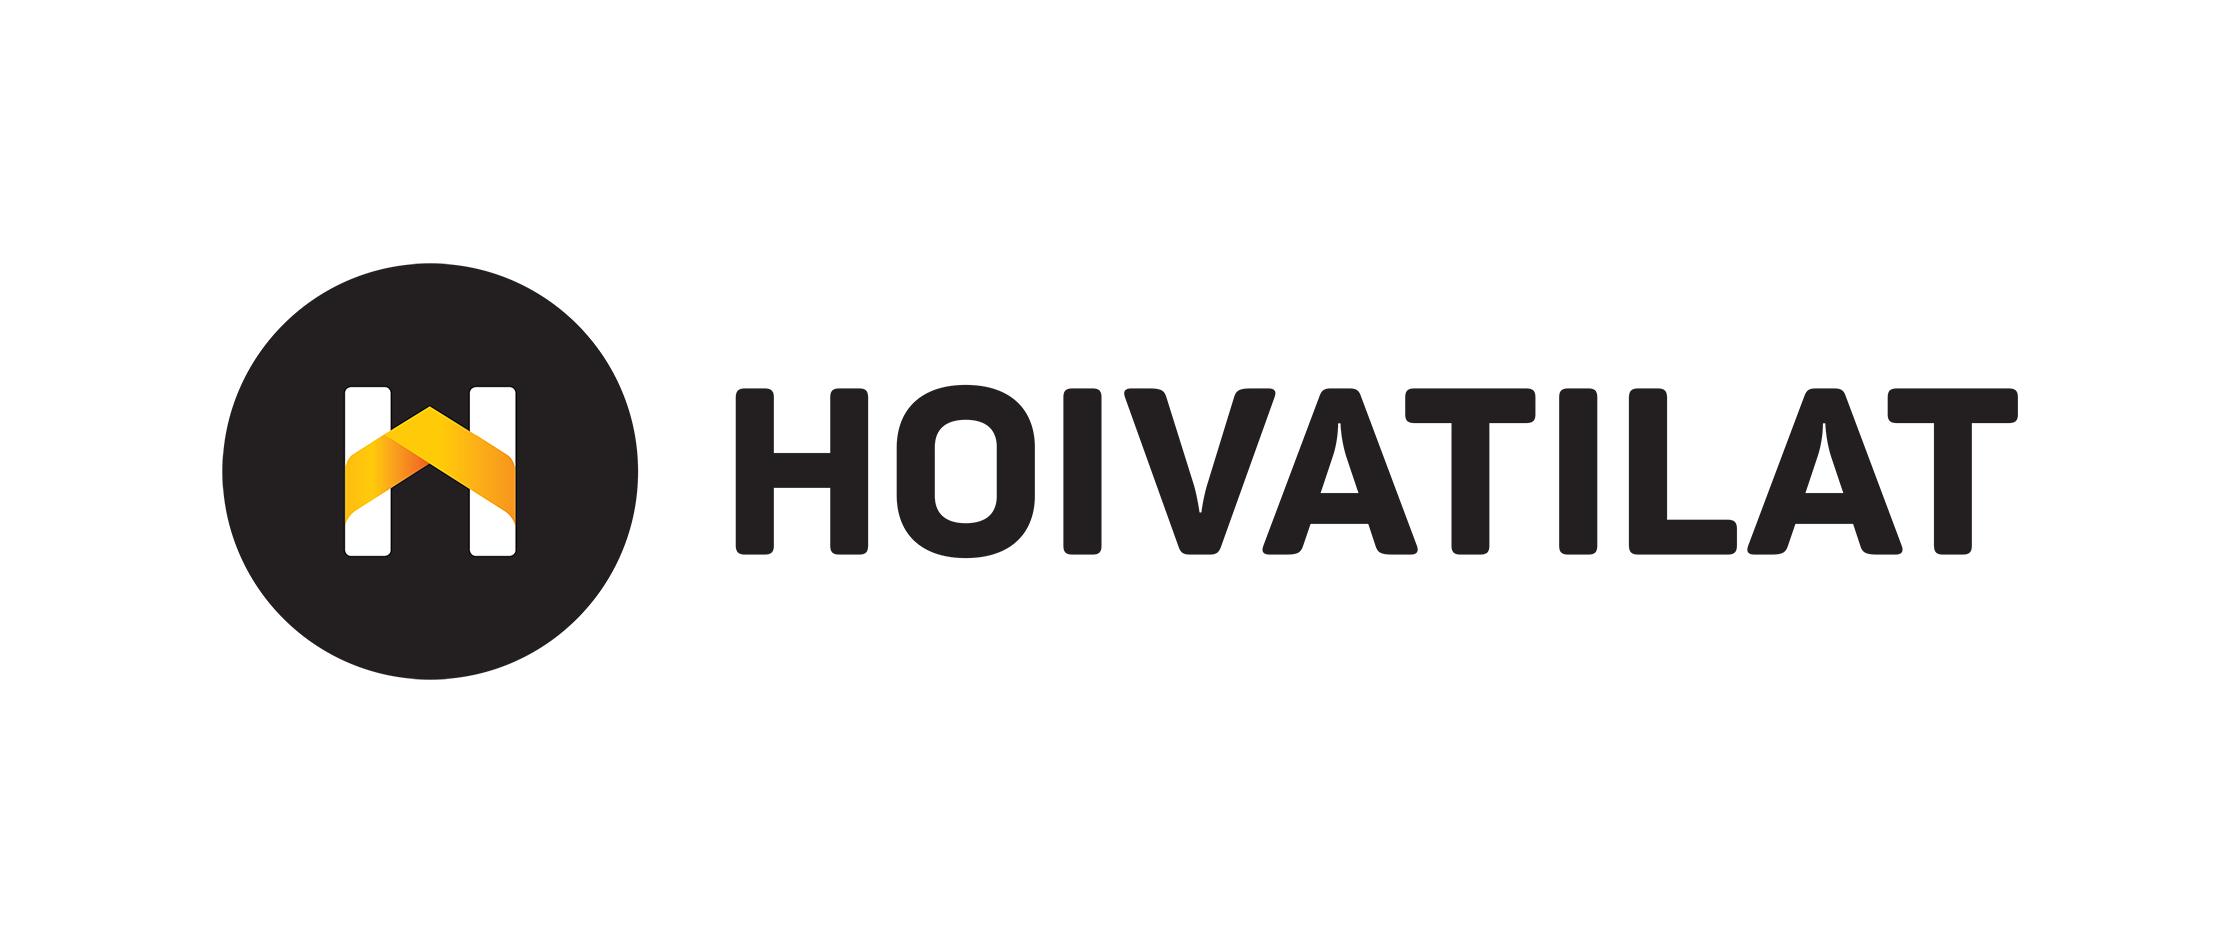 Hoivatilat_logo_2240x944